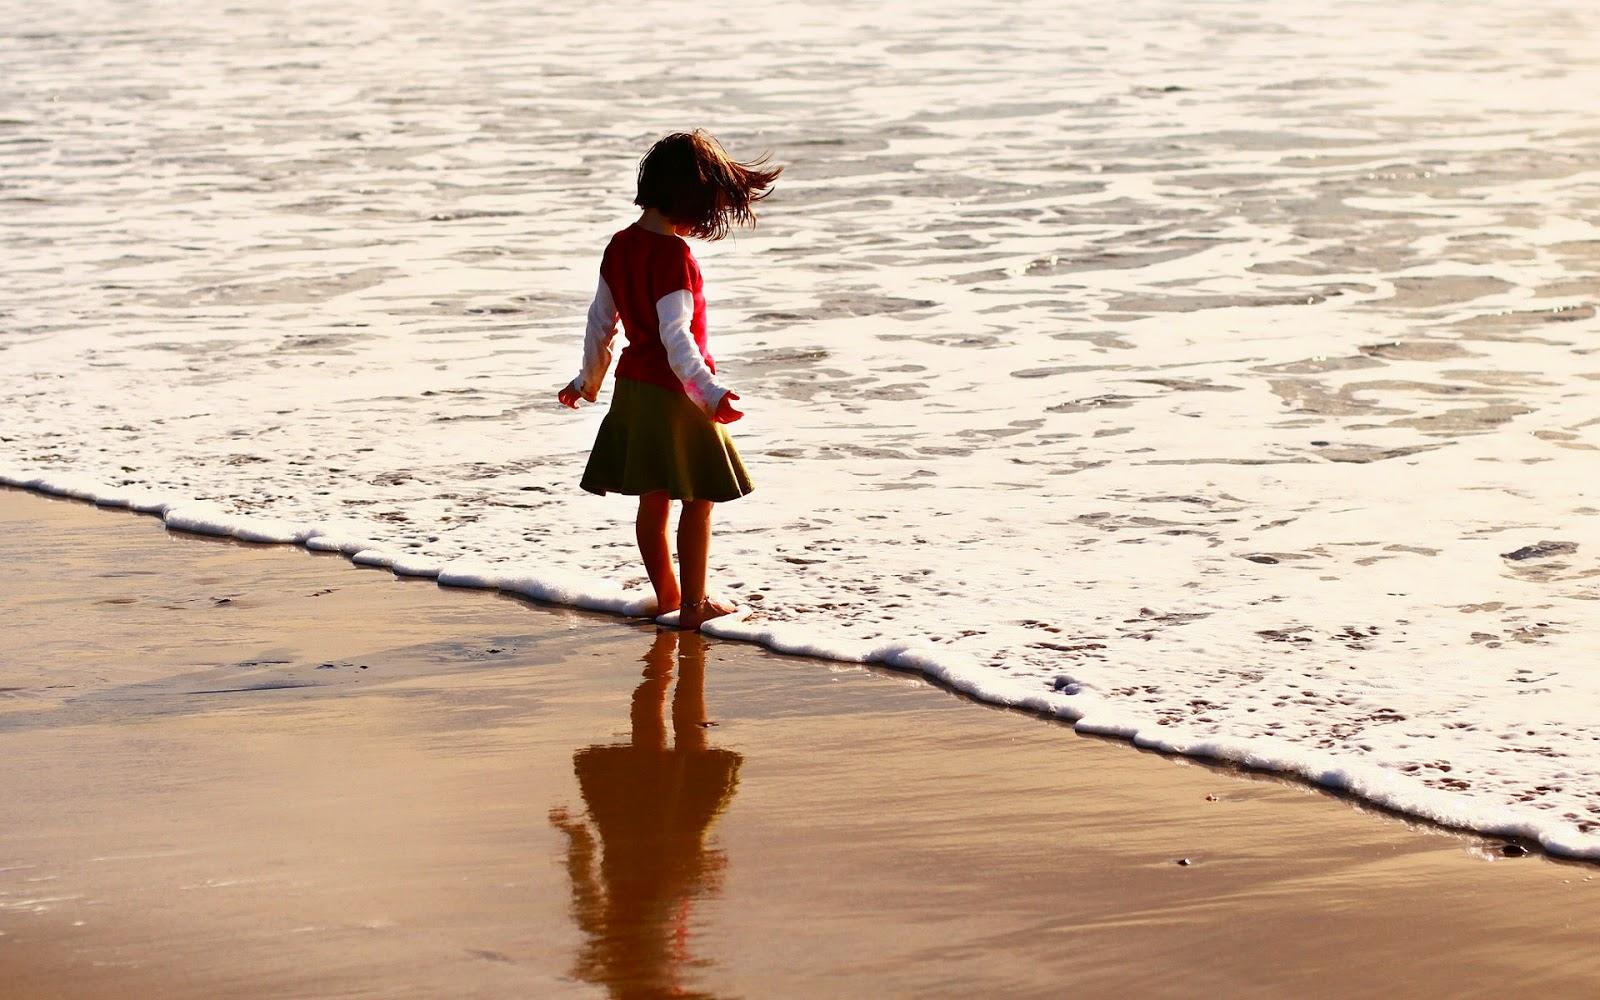 Meisje op strand in water van zee